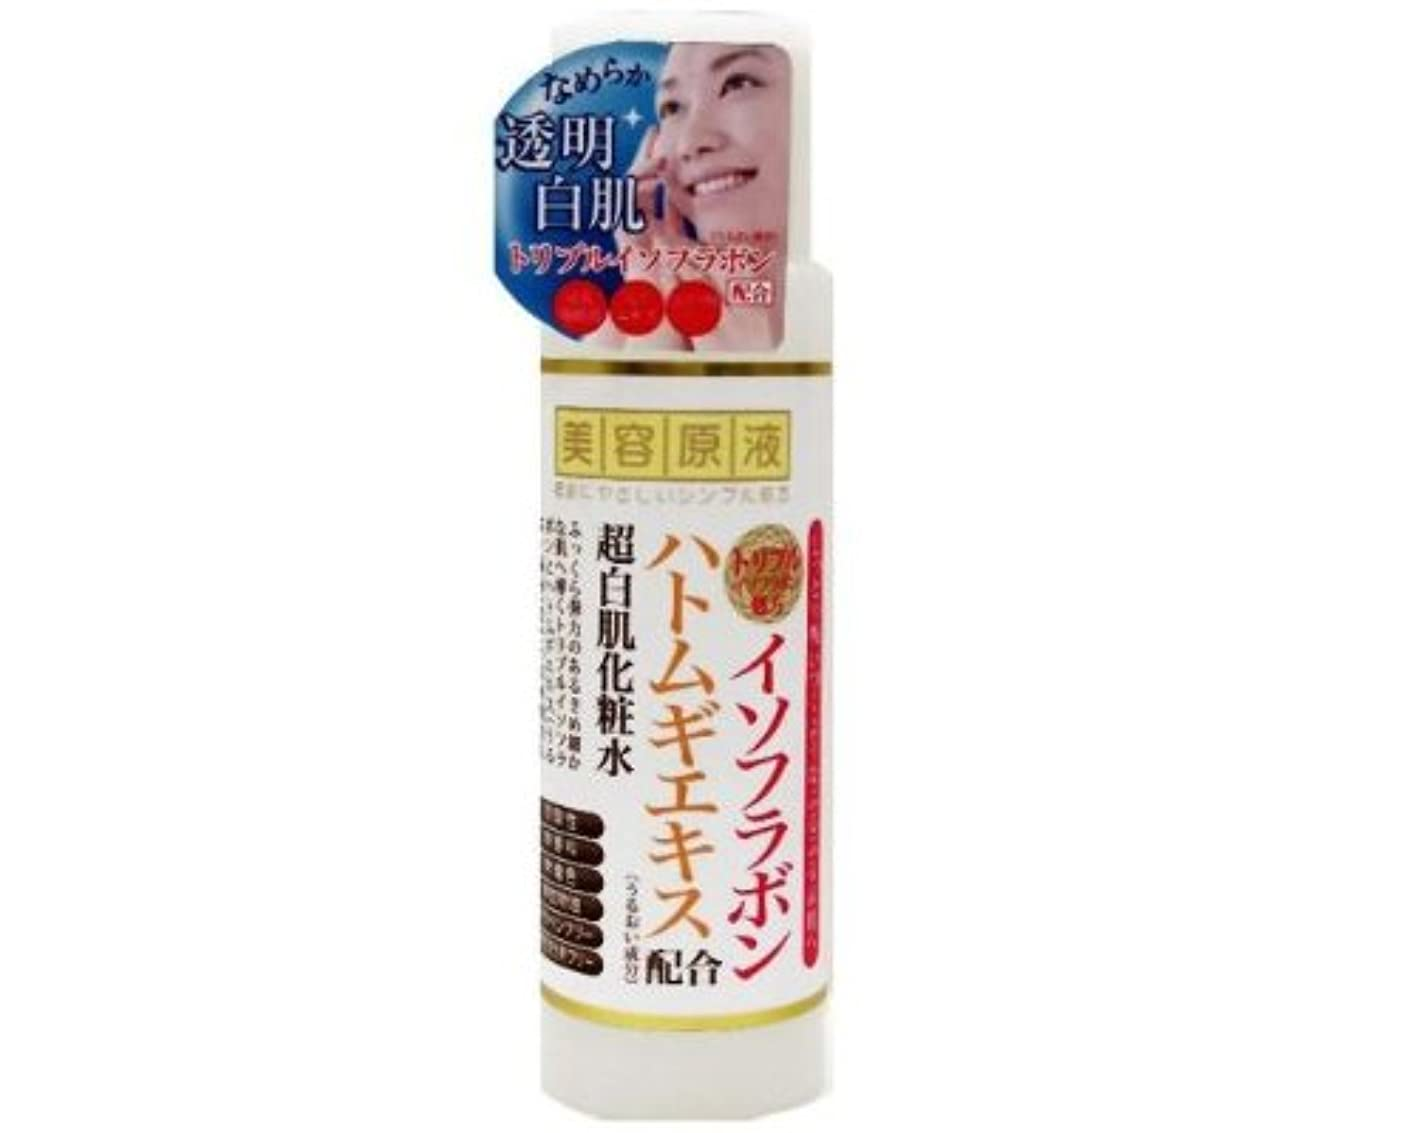 美容原液 イソフラボンとハトムギの化粧水